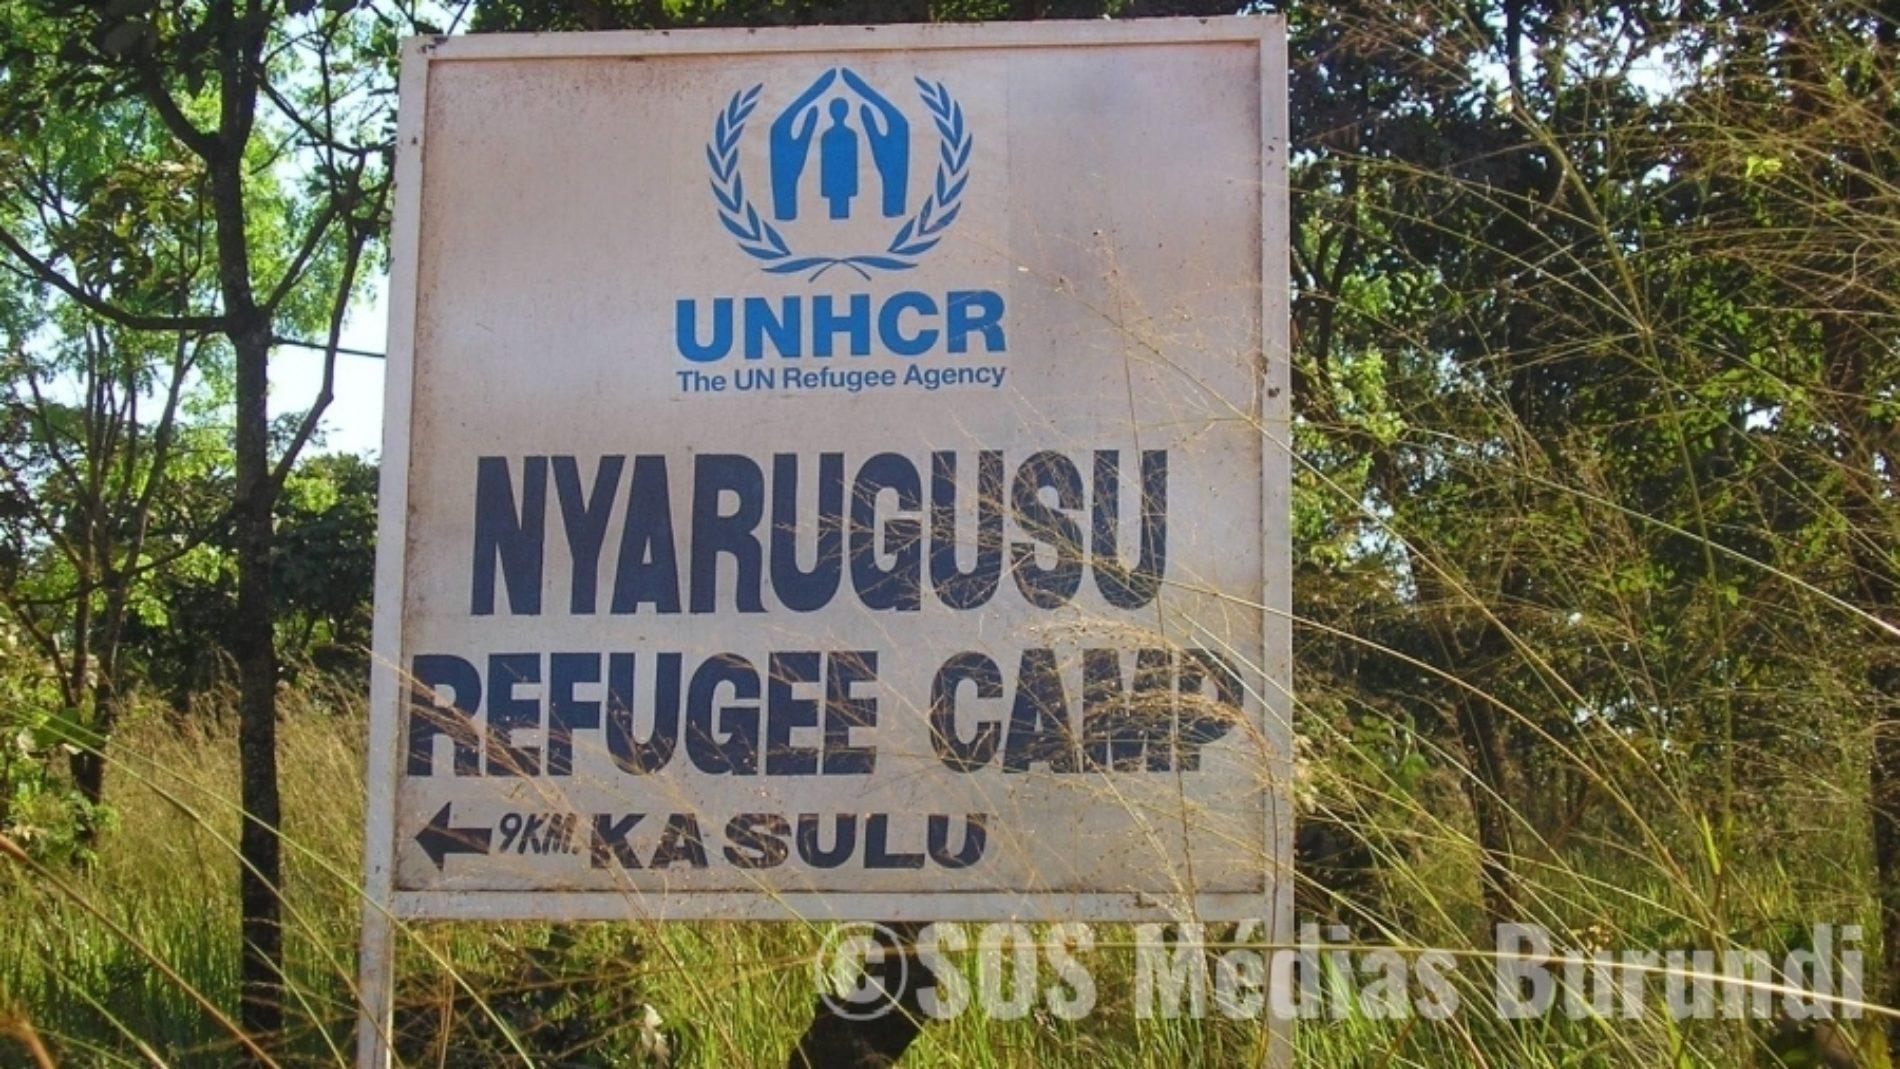 Tanzanie : des tracts appelant les réfugiés burundais à fuir pour un autre pays d'accueil retrouvés dans les camps de réfugiés burundais